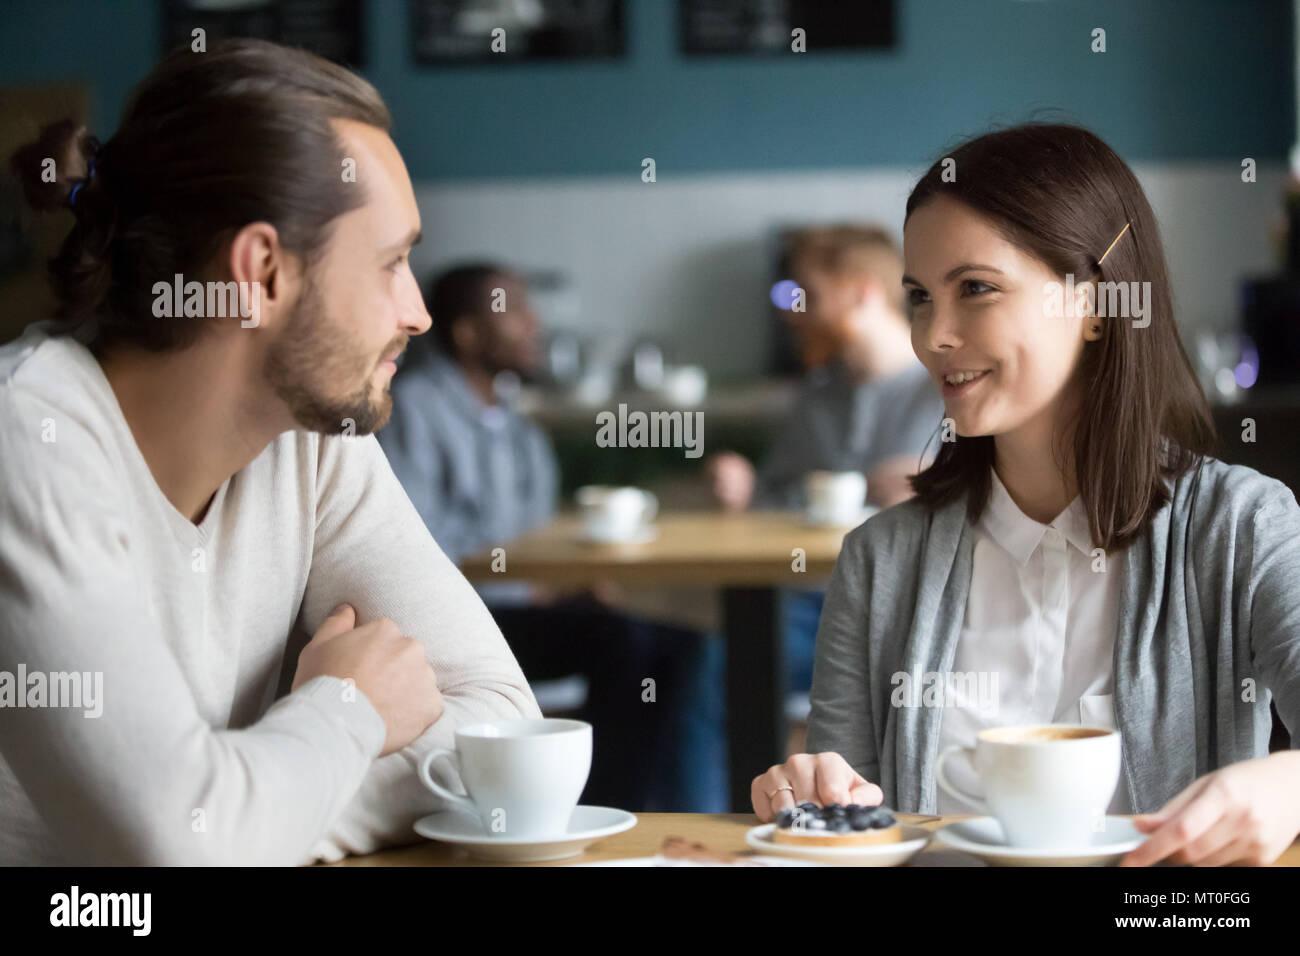 Heureux couple millénaire dans aime parler flirting at cafe table Photo Stock